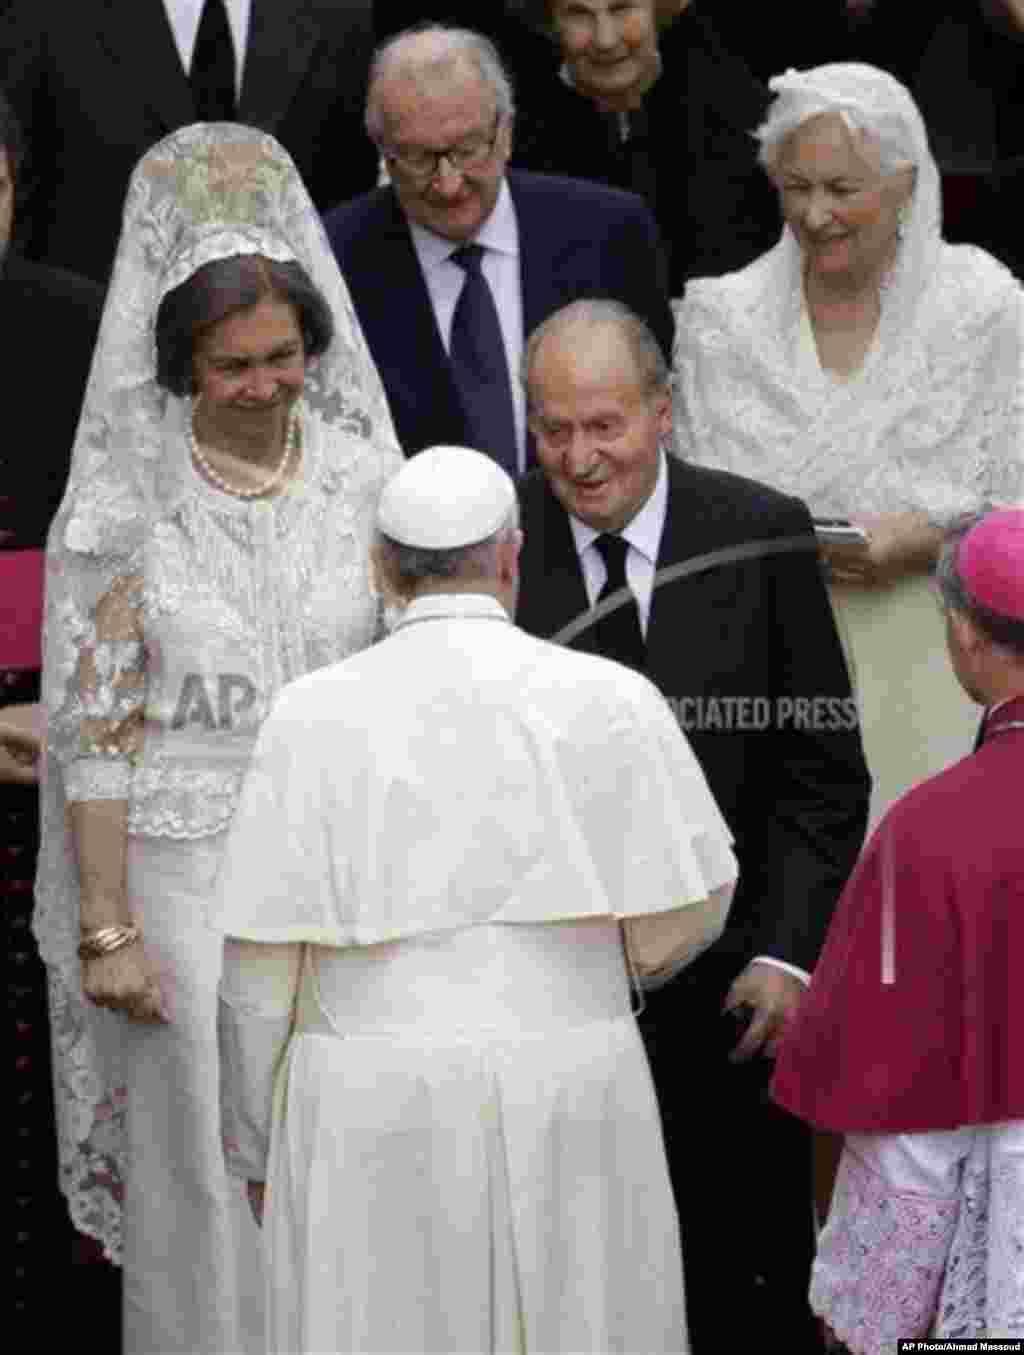 Los reyes de España, Don Juan Carlos y Doña Sofía, saludan al Papa.